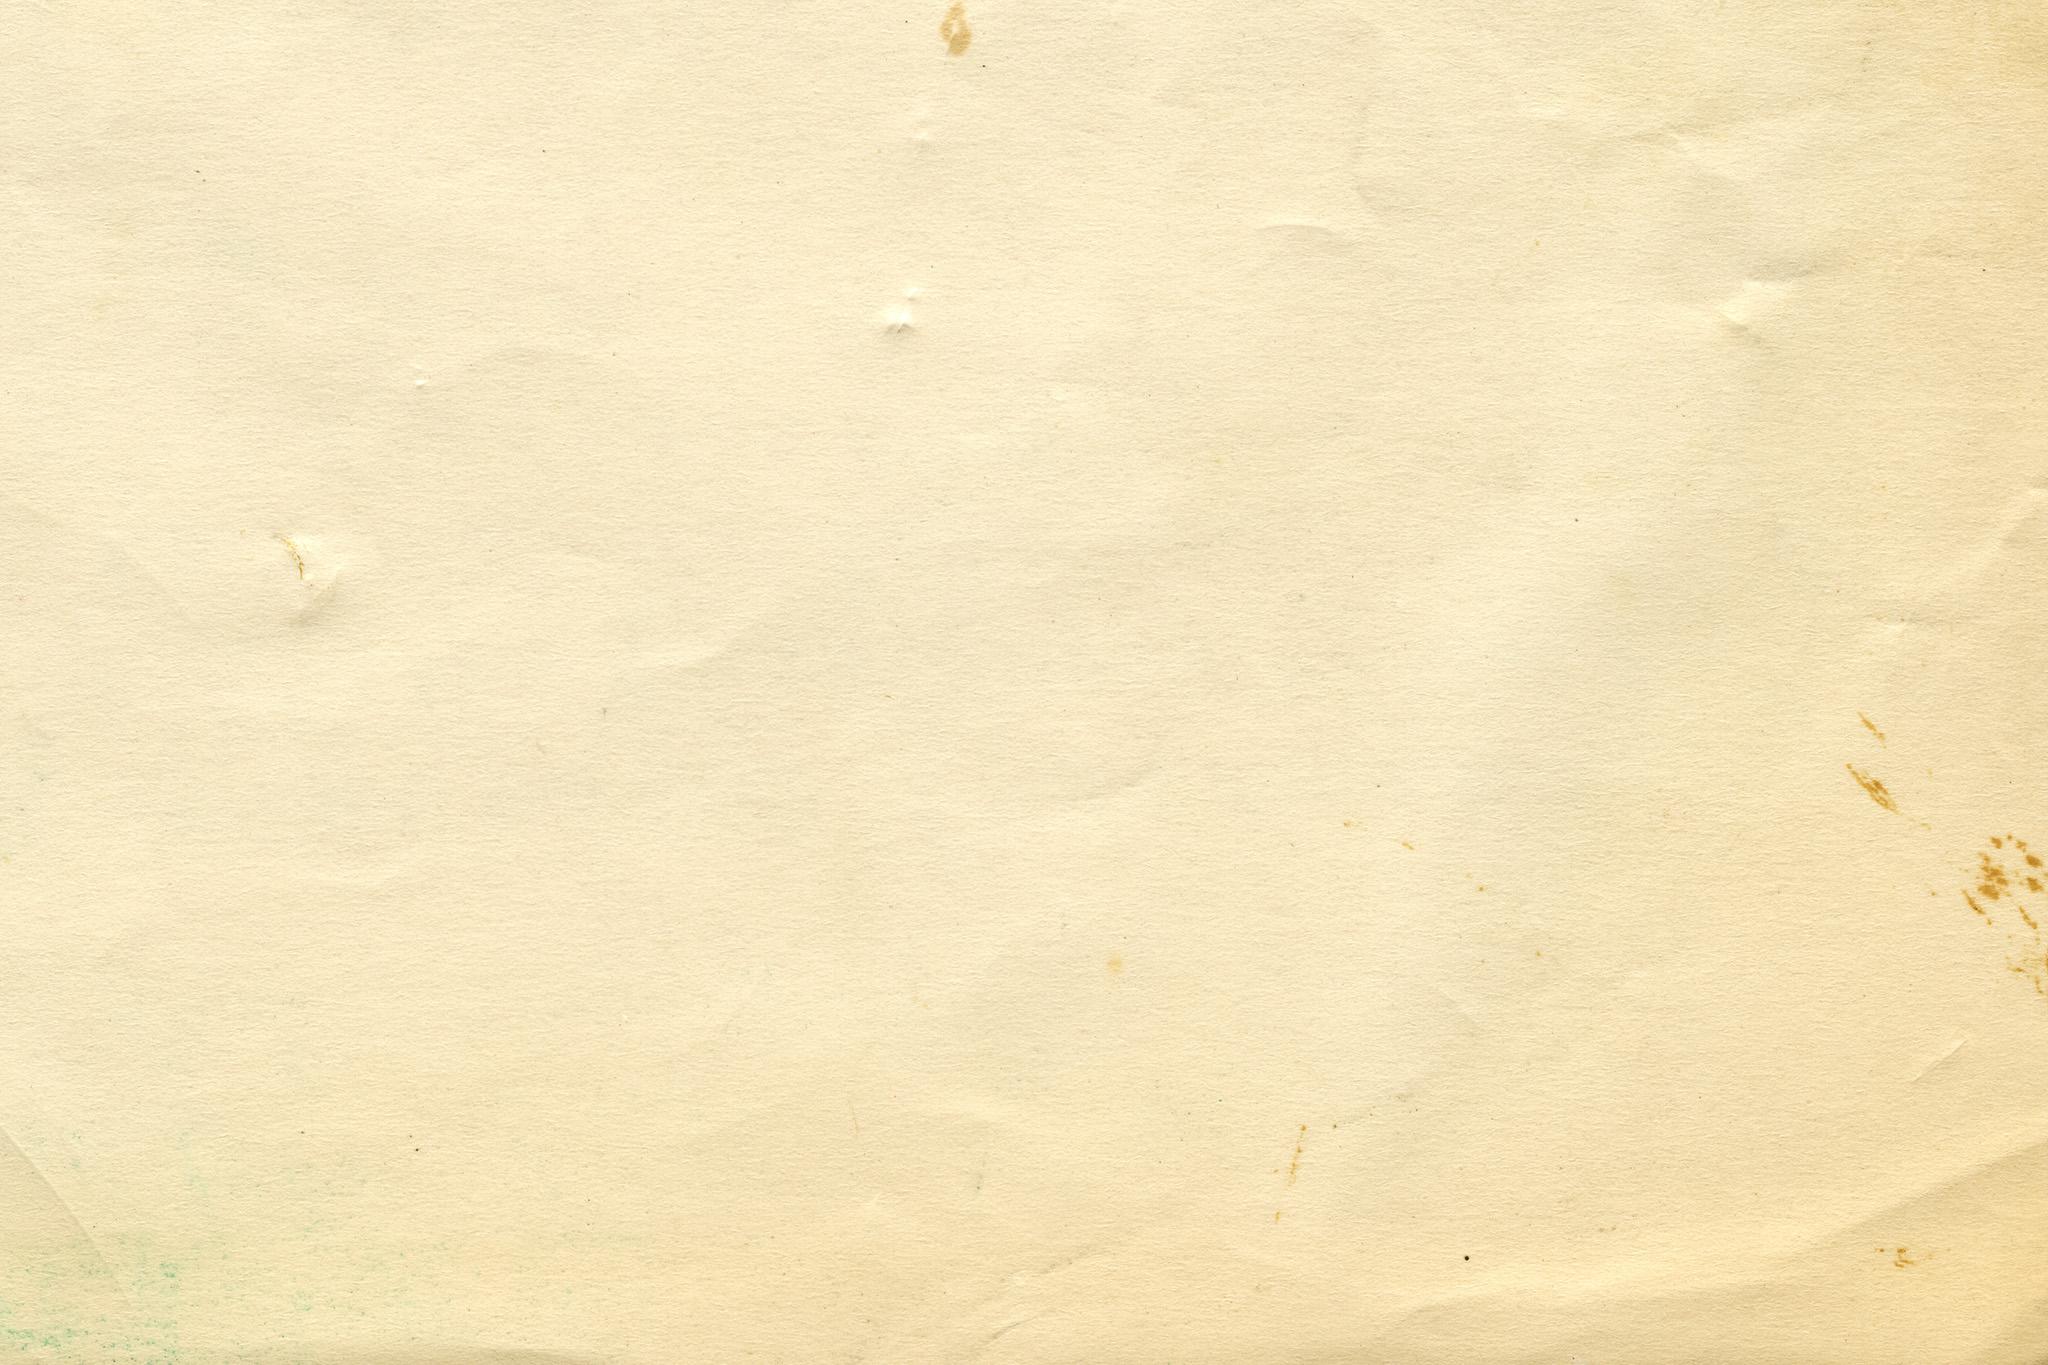 「古く汚れたセピア色の紙」